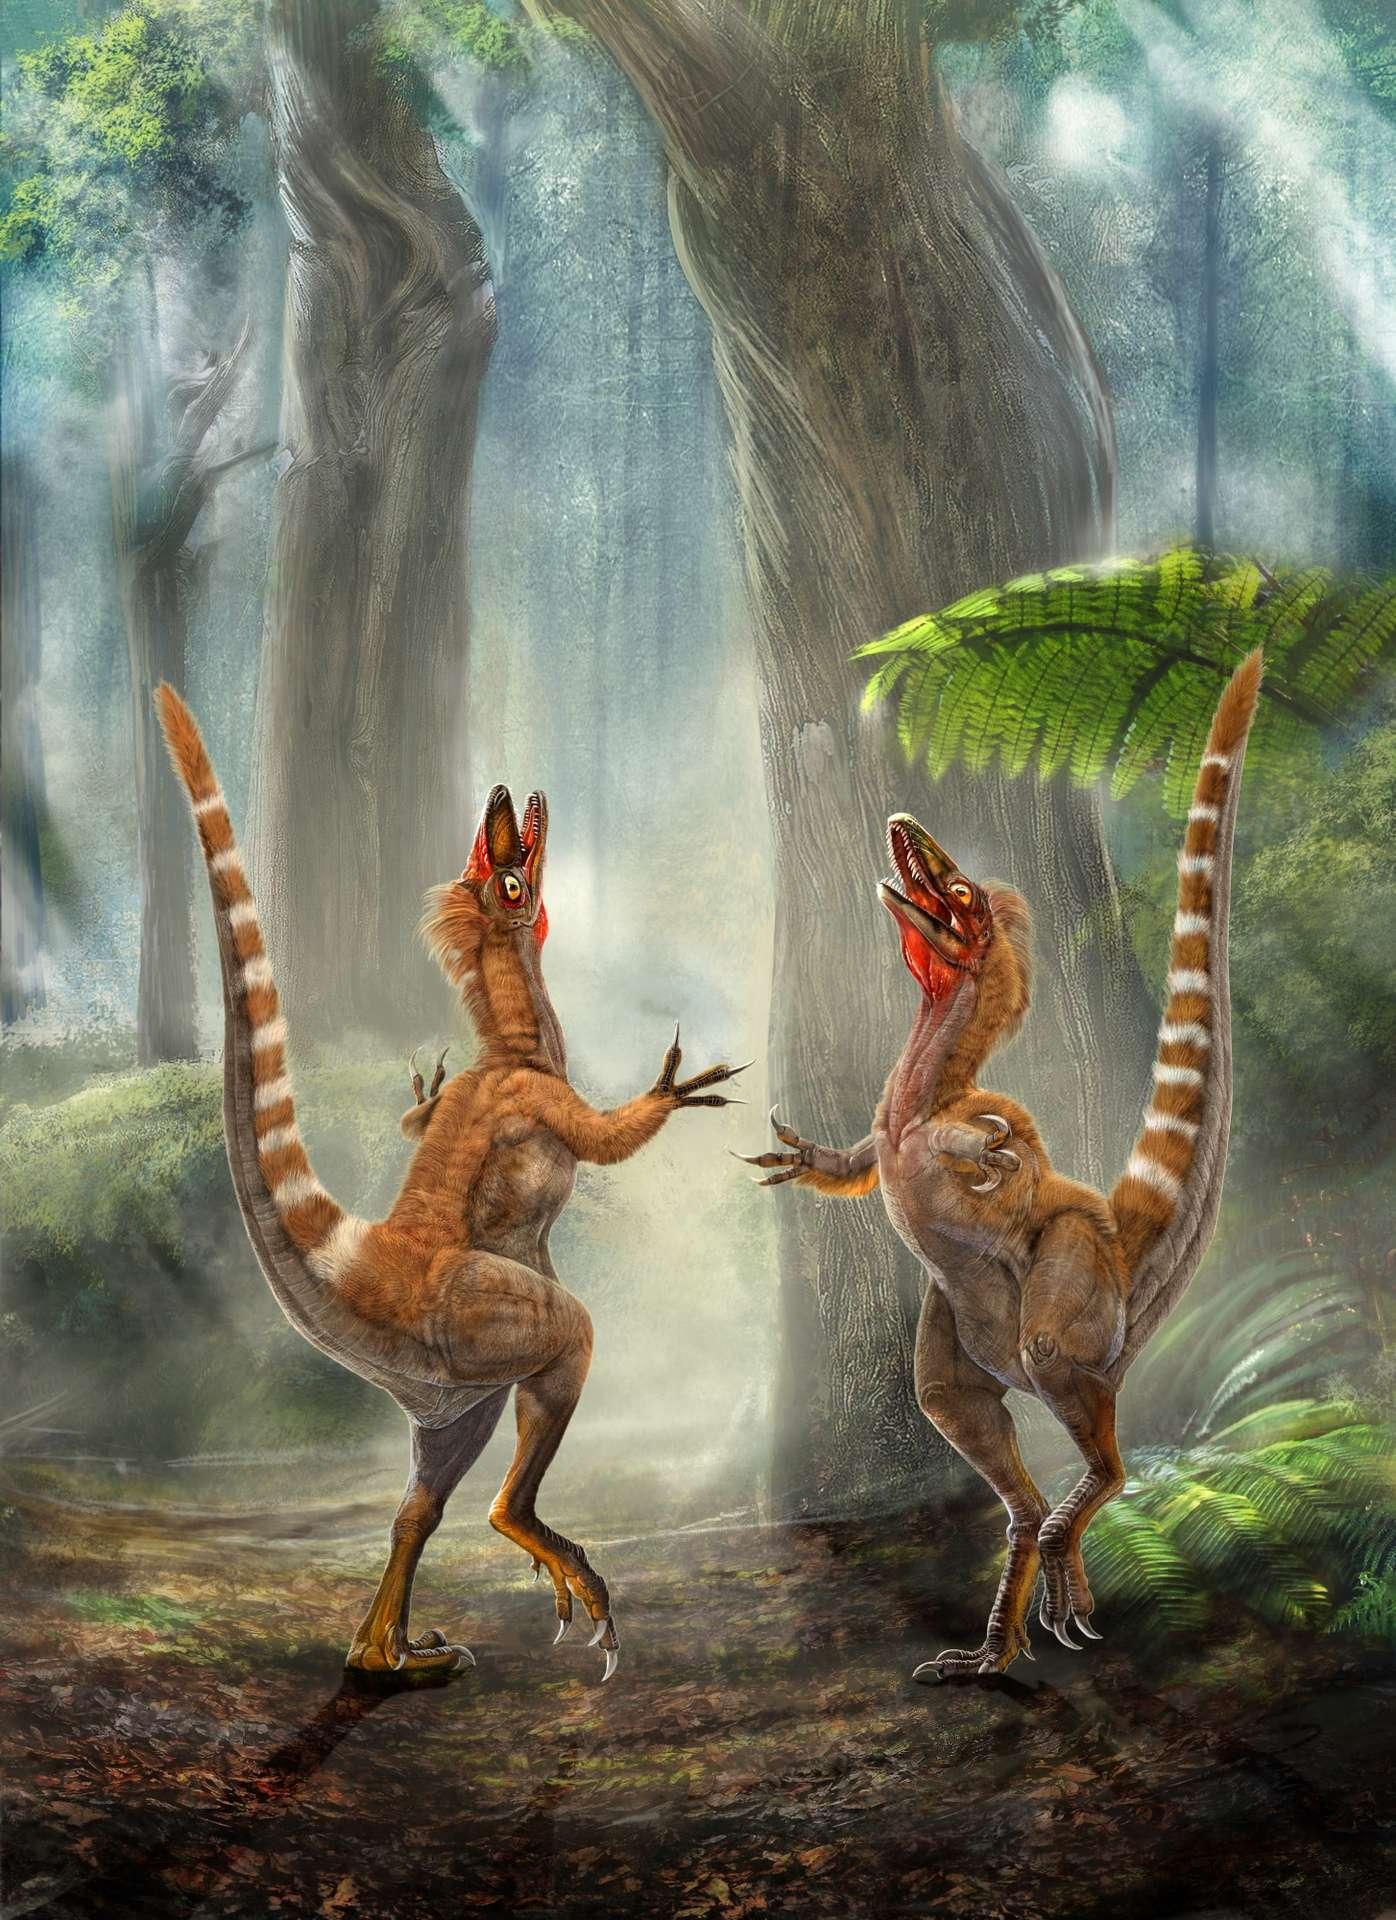 Deux Sinosauropteryx dans une forêt du Crétacé. Une patiente recherche au microscope électronique a fourni des indications sur les couleurs des plumes des dinosaures : noir, blanc et brun-roux. © Chuang Zhao et Lida Xing